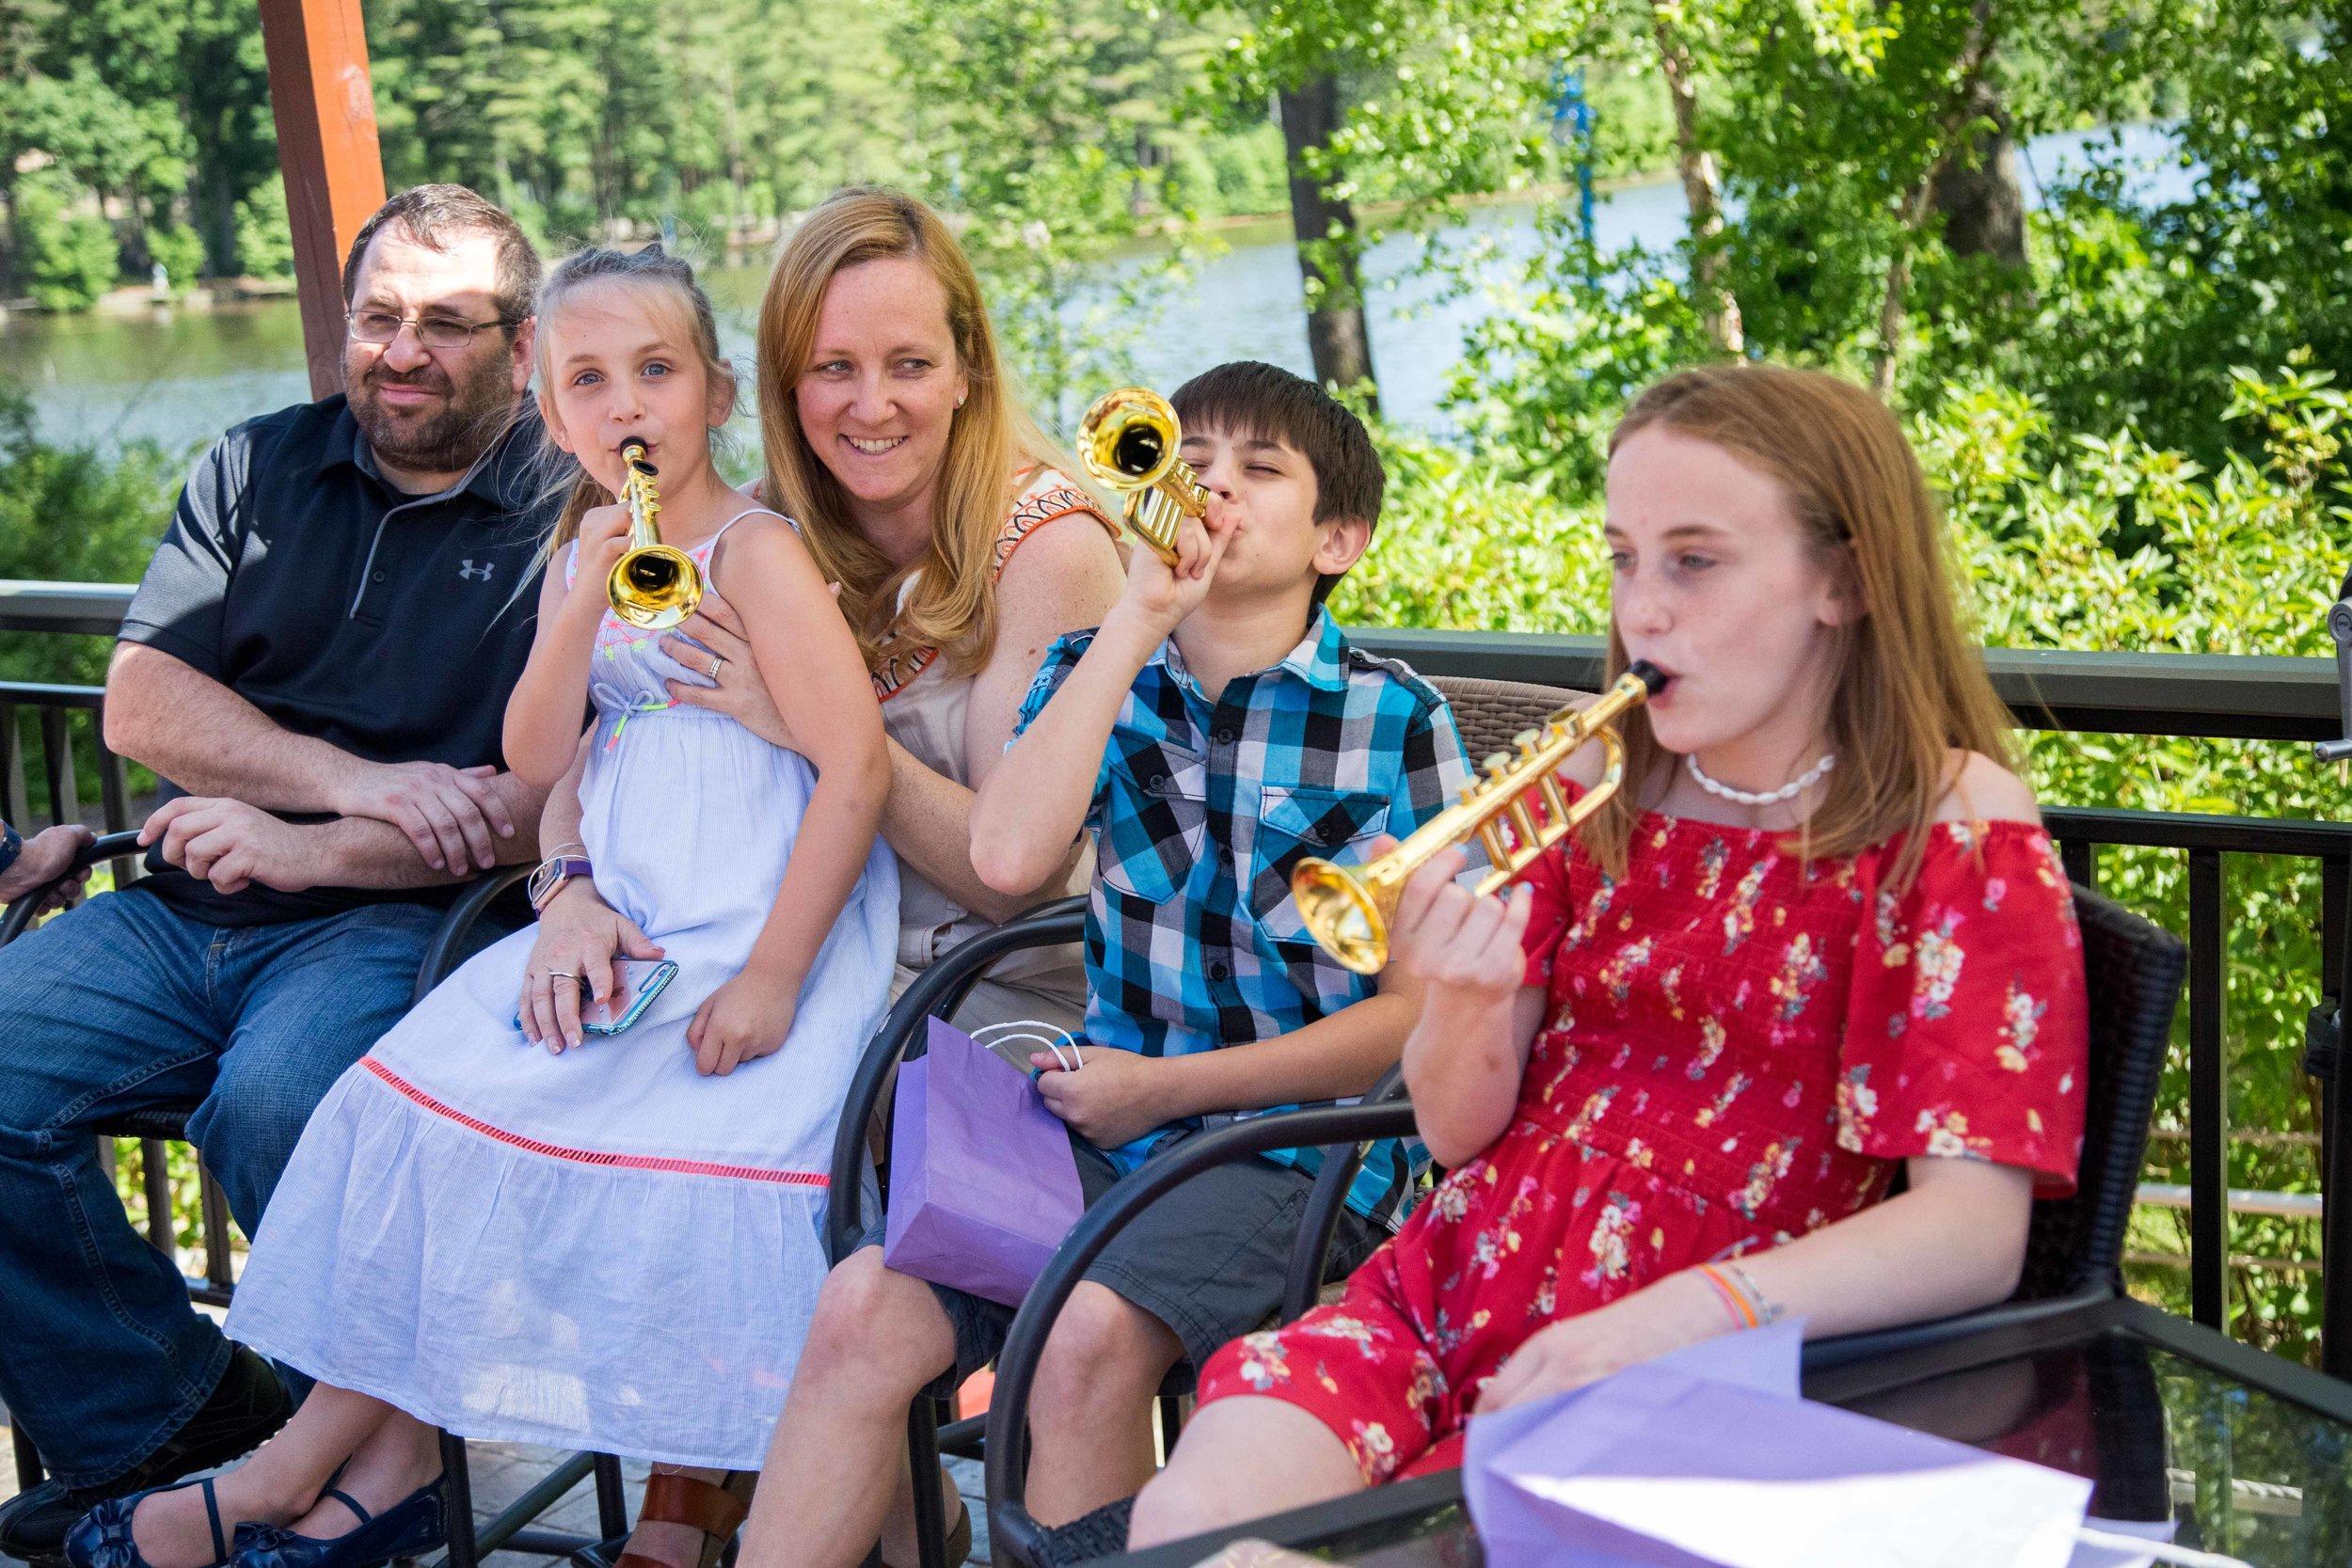 McLoones Boathouse West Orange NJ 100th Birthday Party Event Photos-26.jpg